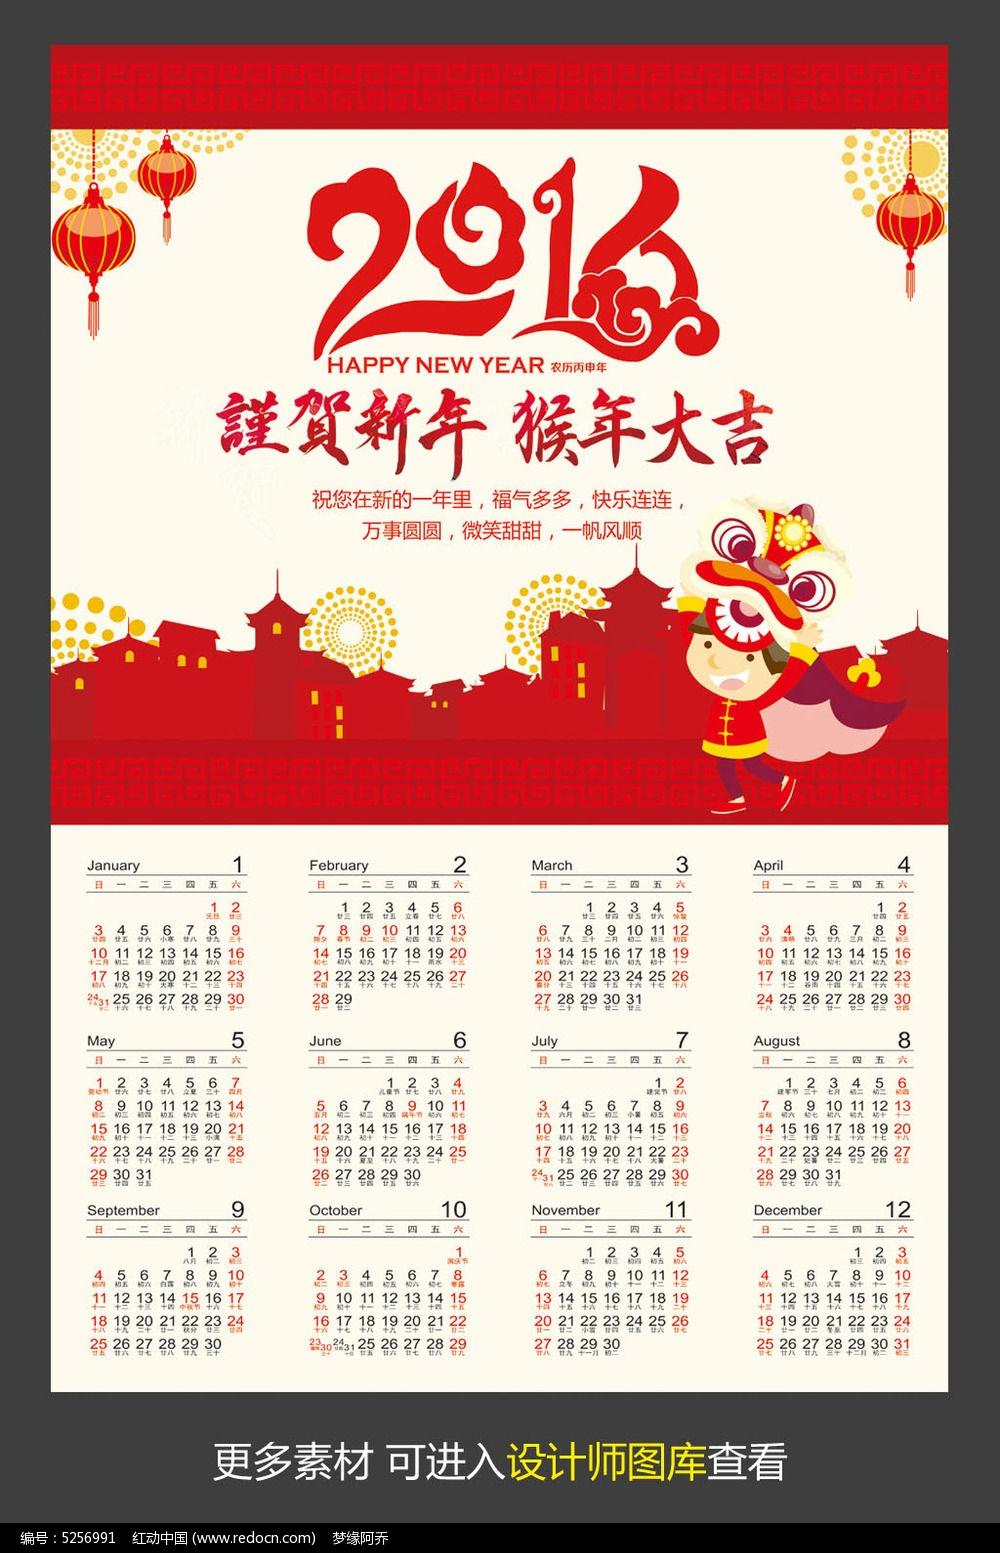 红色创意2016年猴年大吉挂历模板图片